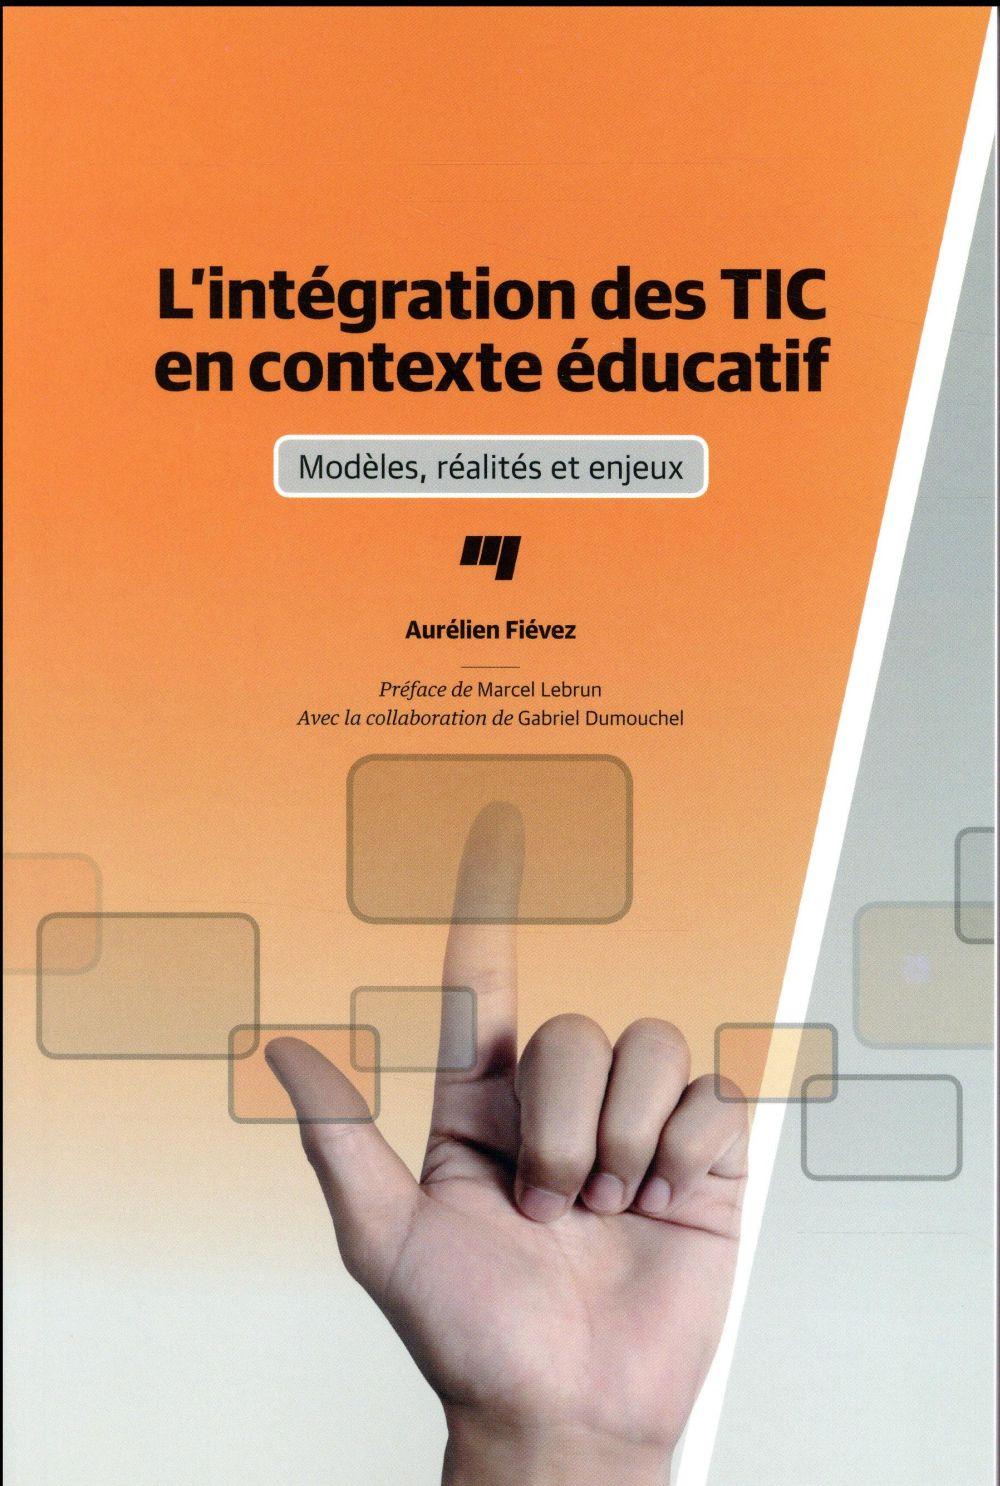 L'intégration des TIC en contexte éducatif, Modèles, réalités et enjeux